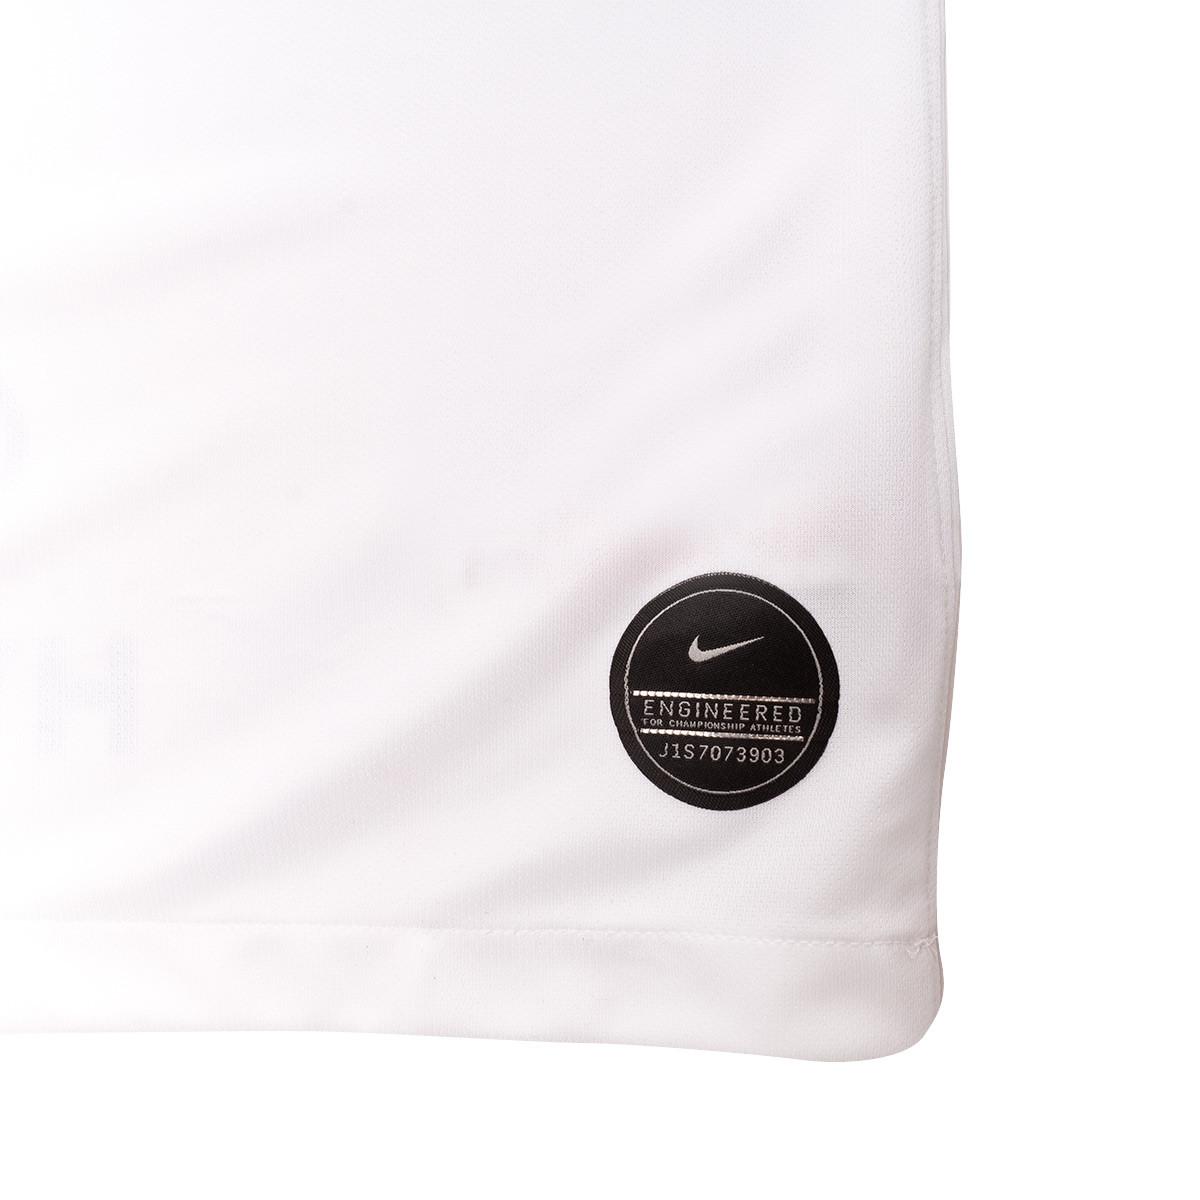 Offerto Con Basso Prezzo E Garanzia Di Qualità Al 100%. Nike